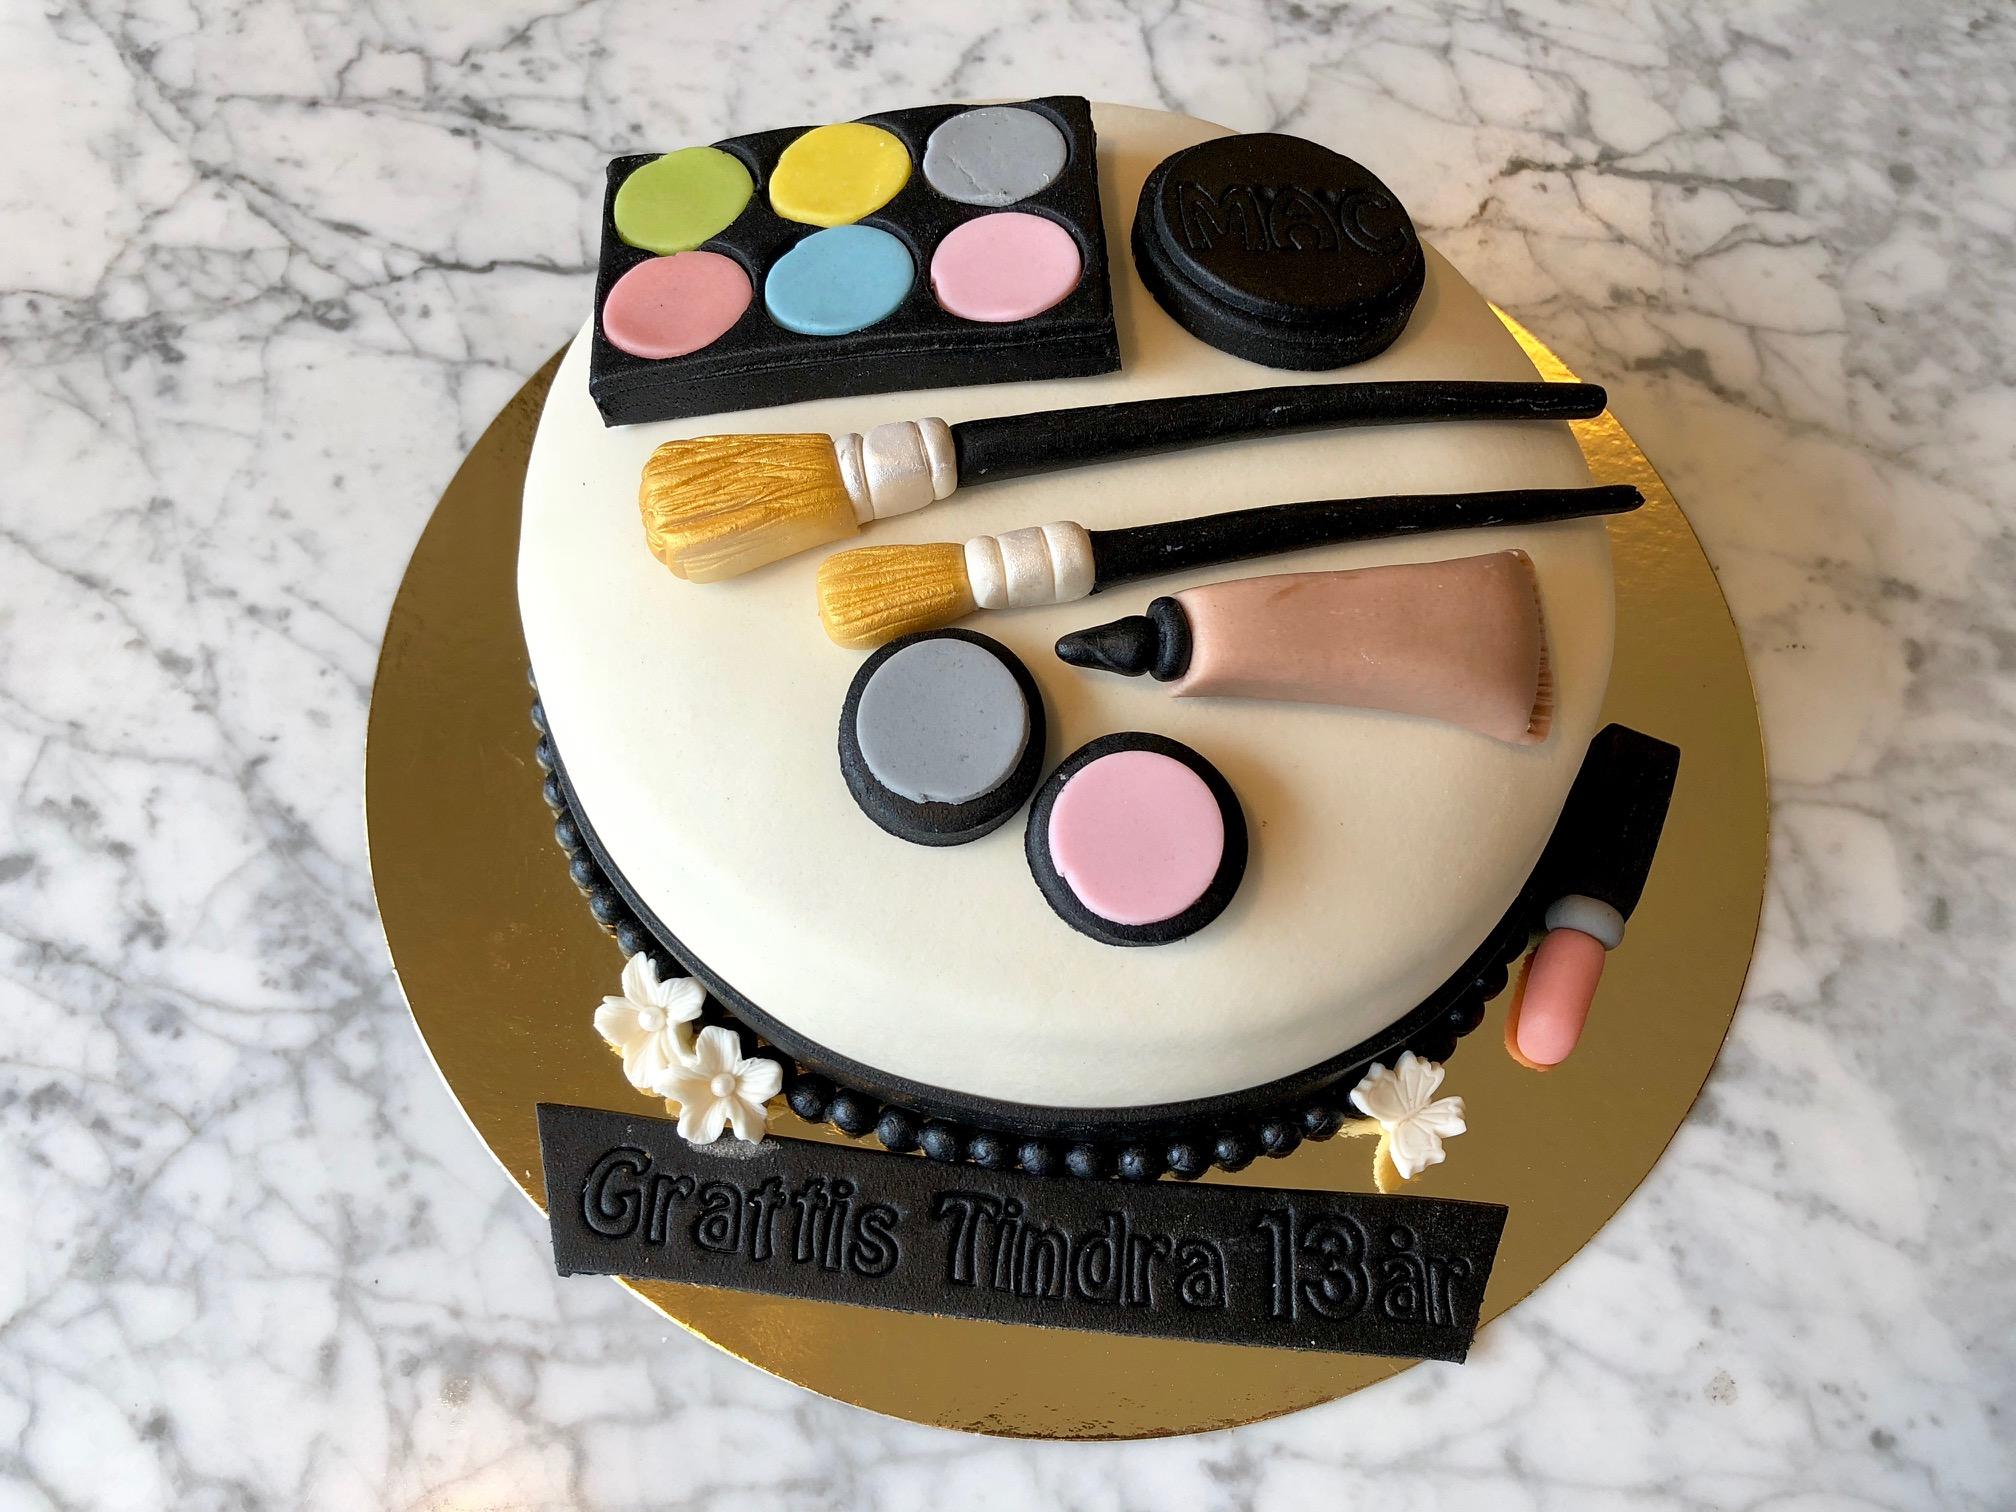 Sminktårta